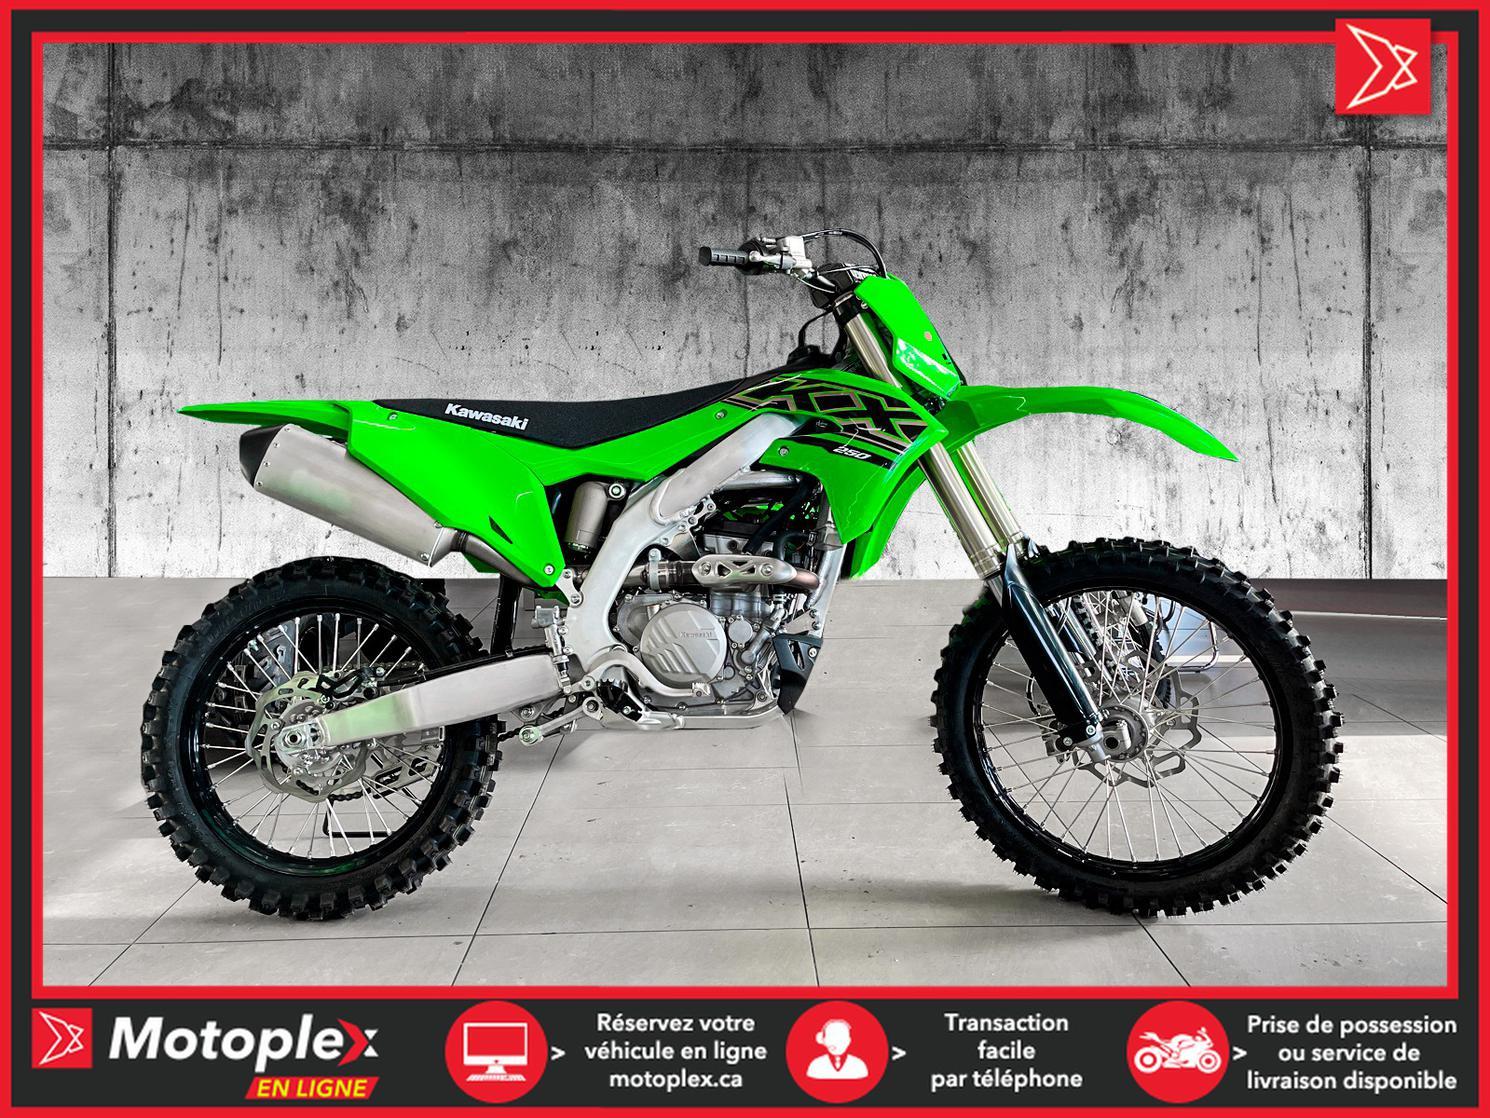 2021 Kawasaki KX250 KX 250